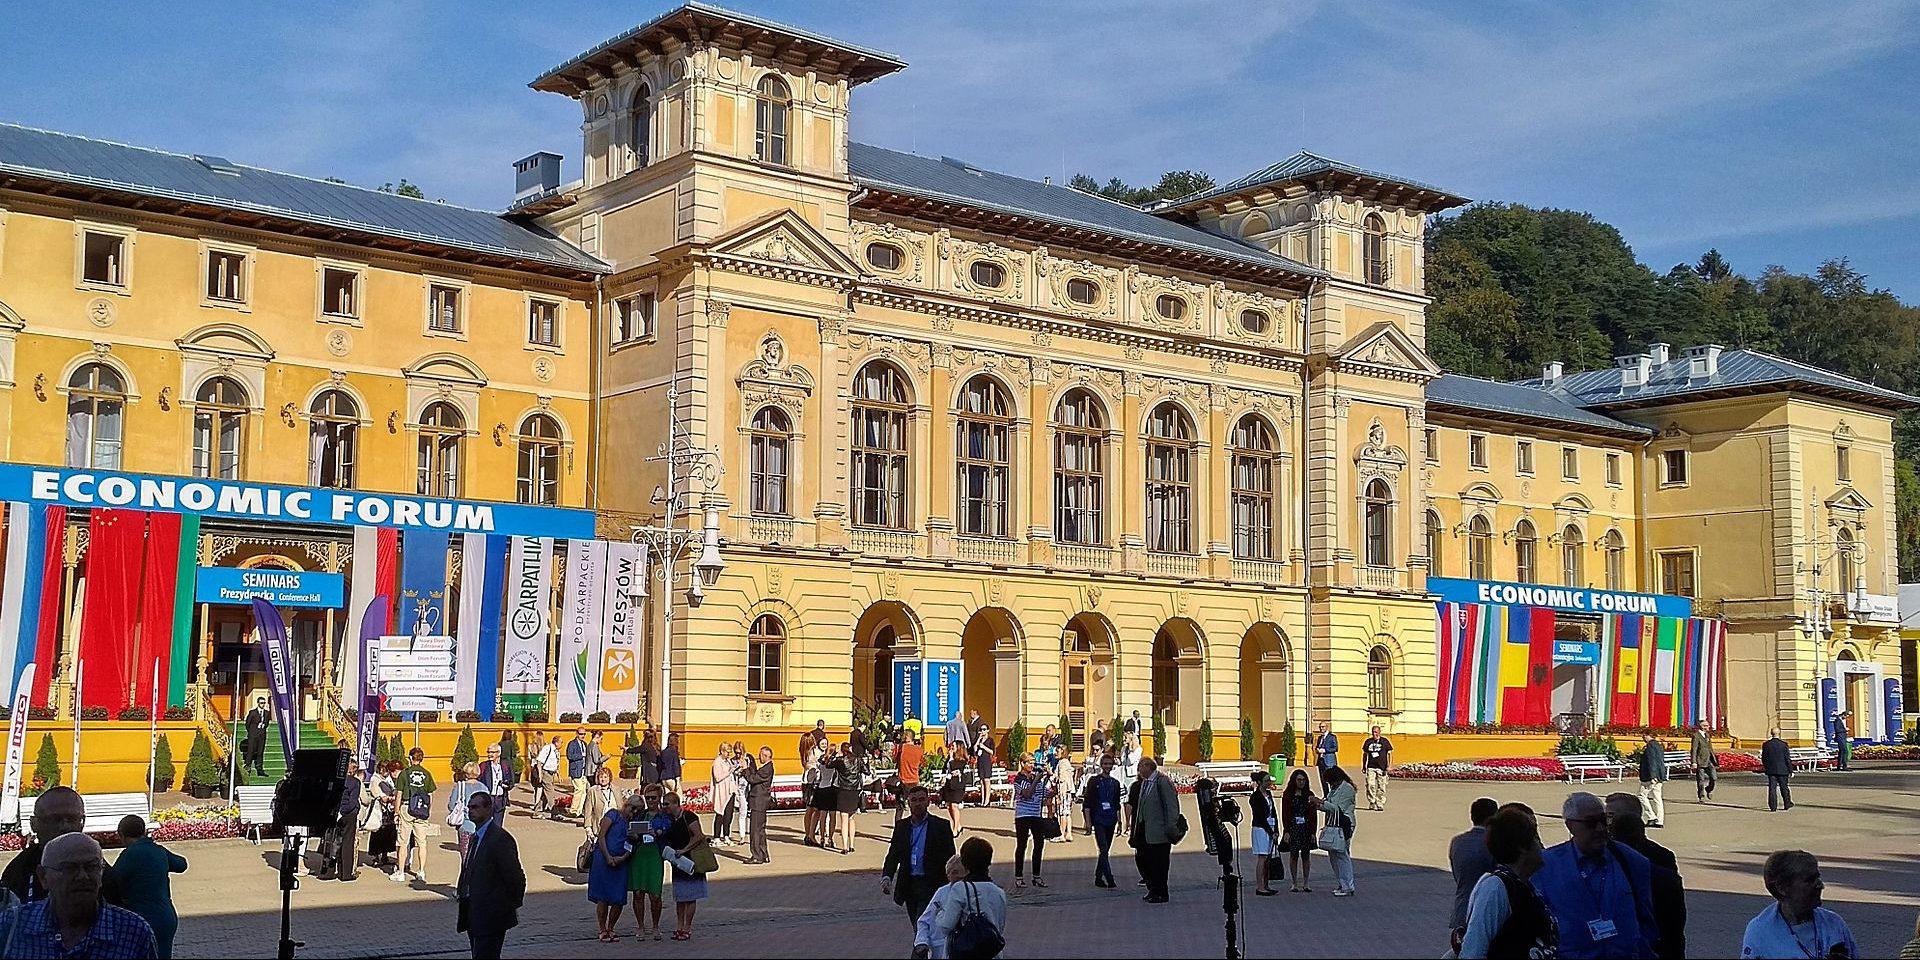 Forum Ekonomiczne w Krynicy - Stary Dom Zdrojowy (Fot. Tralalando - Praca własna, CC BY-SA 4.0)